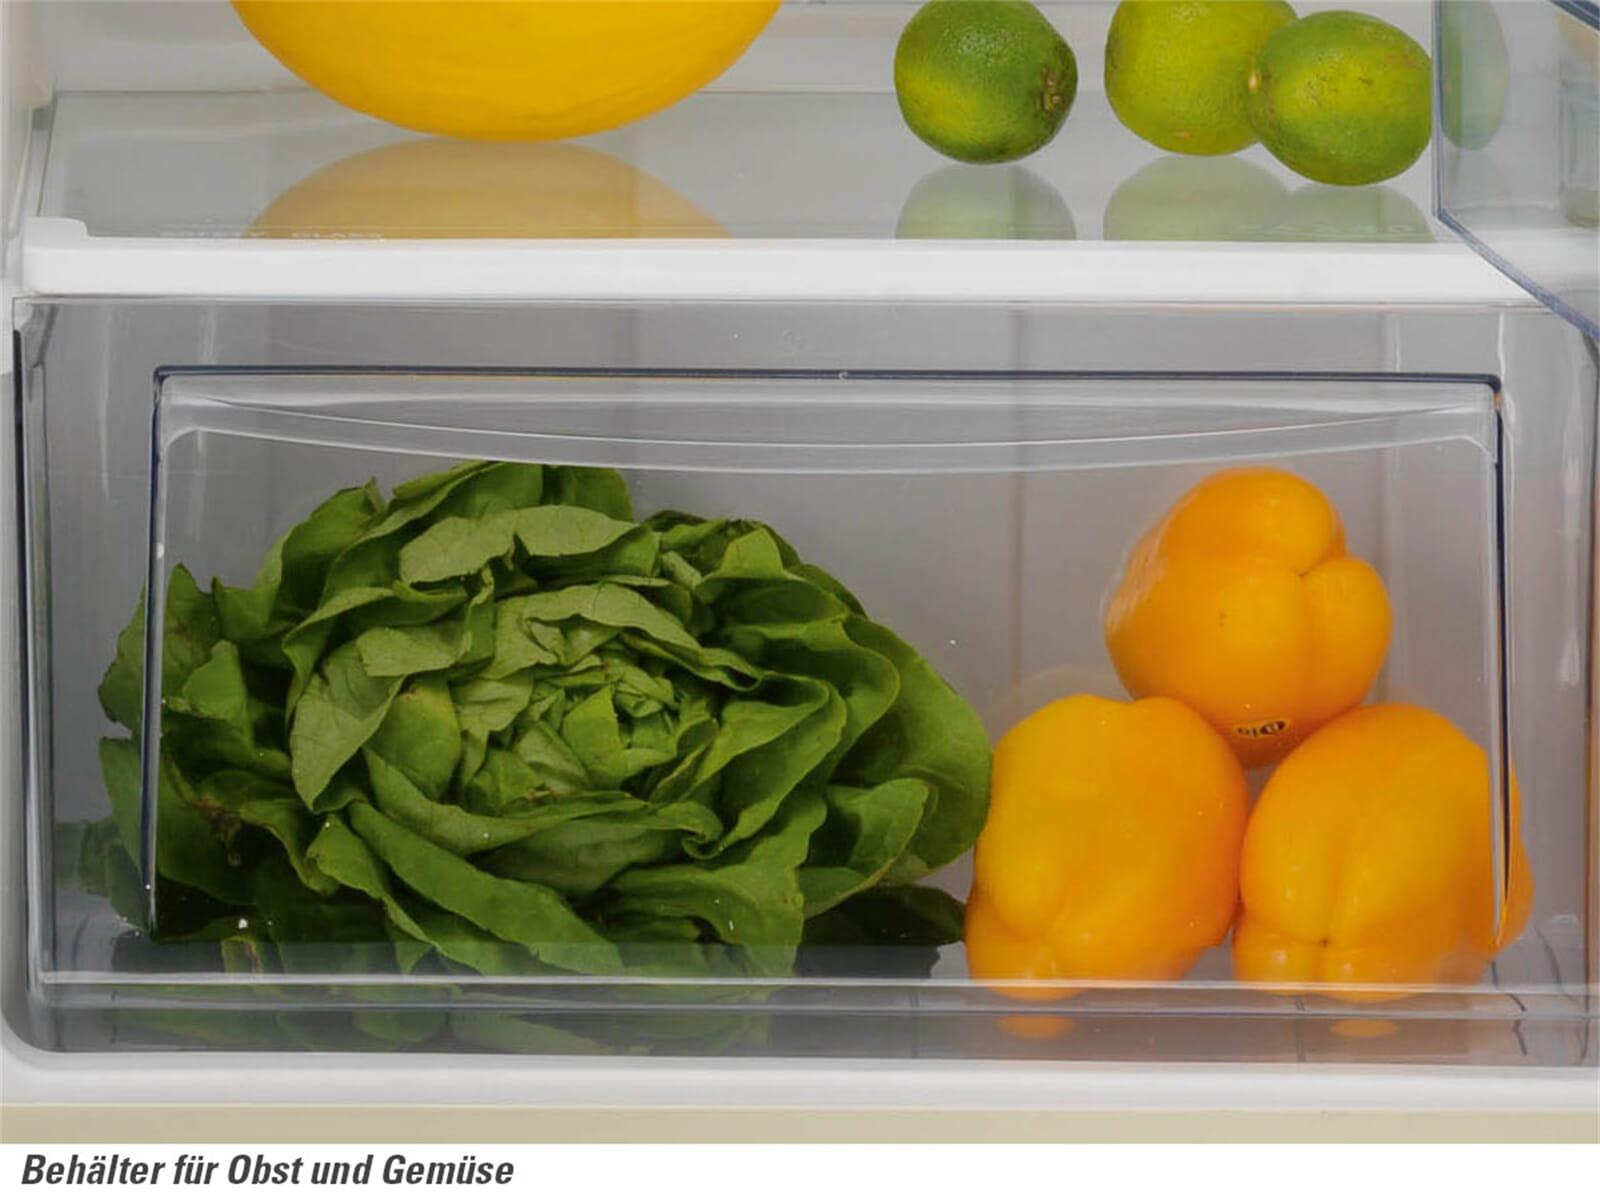 Oranier Retro Kühlschrank : Oranier rkg kühl gefrier kombination creme